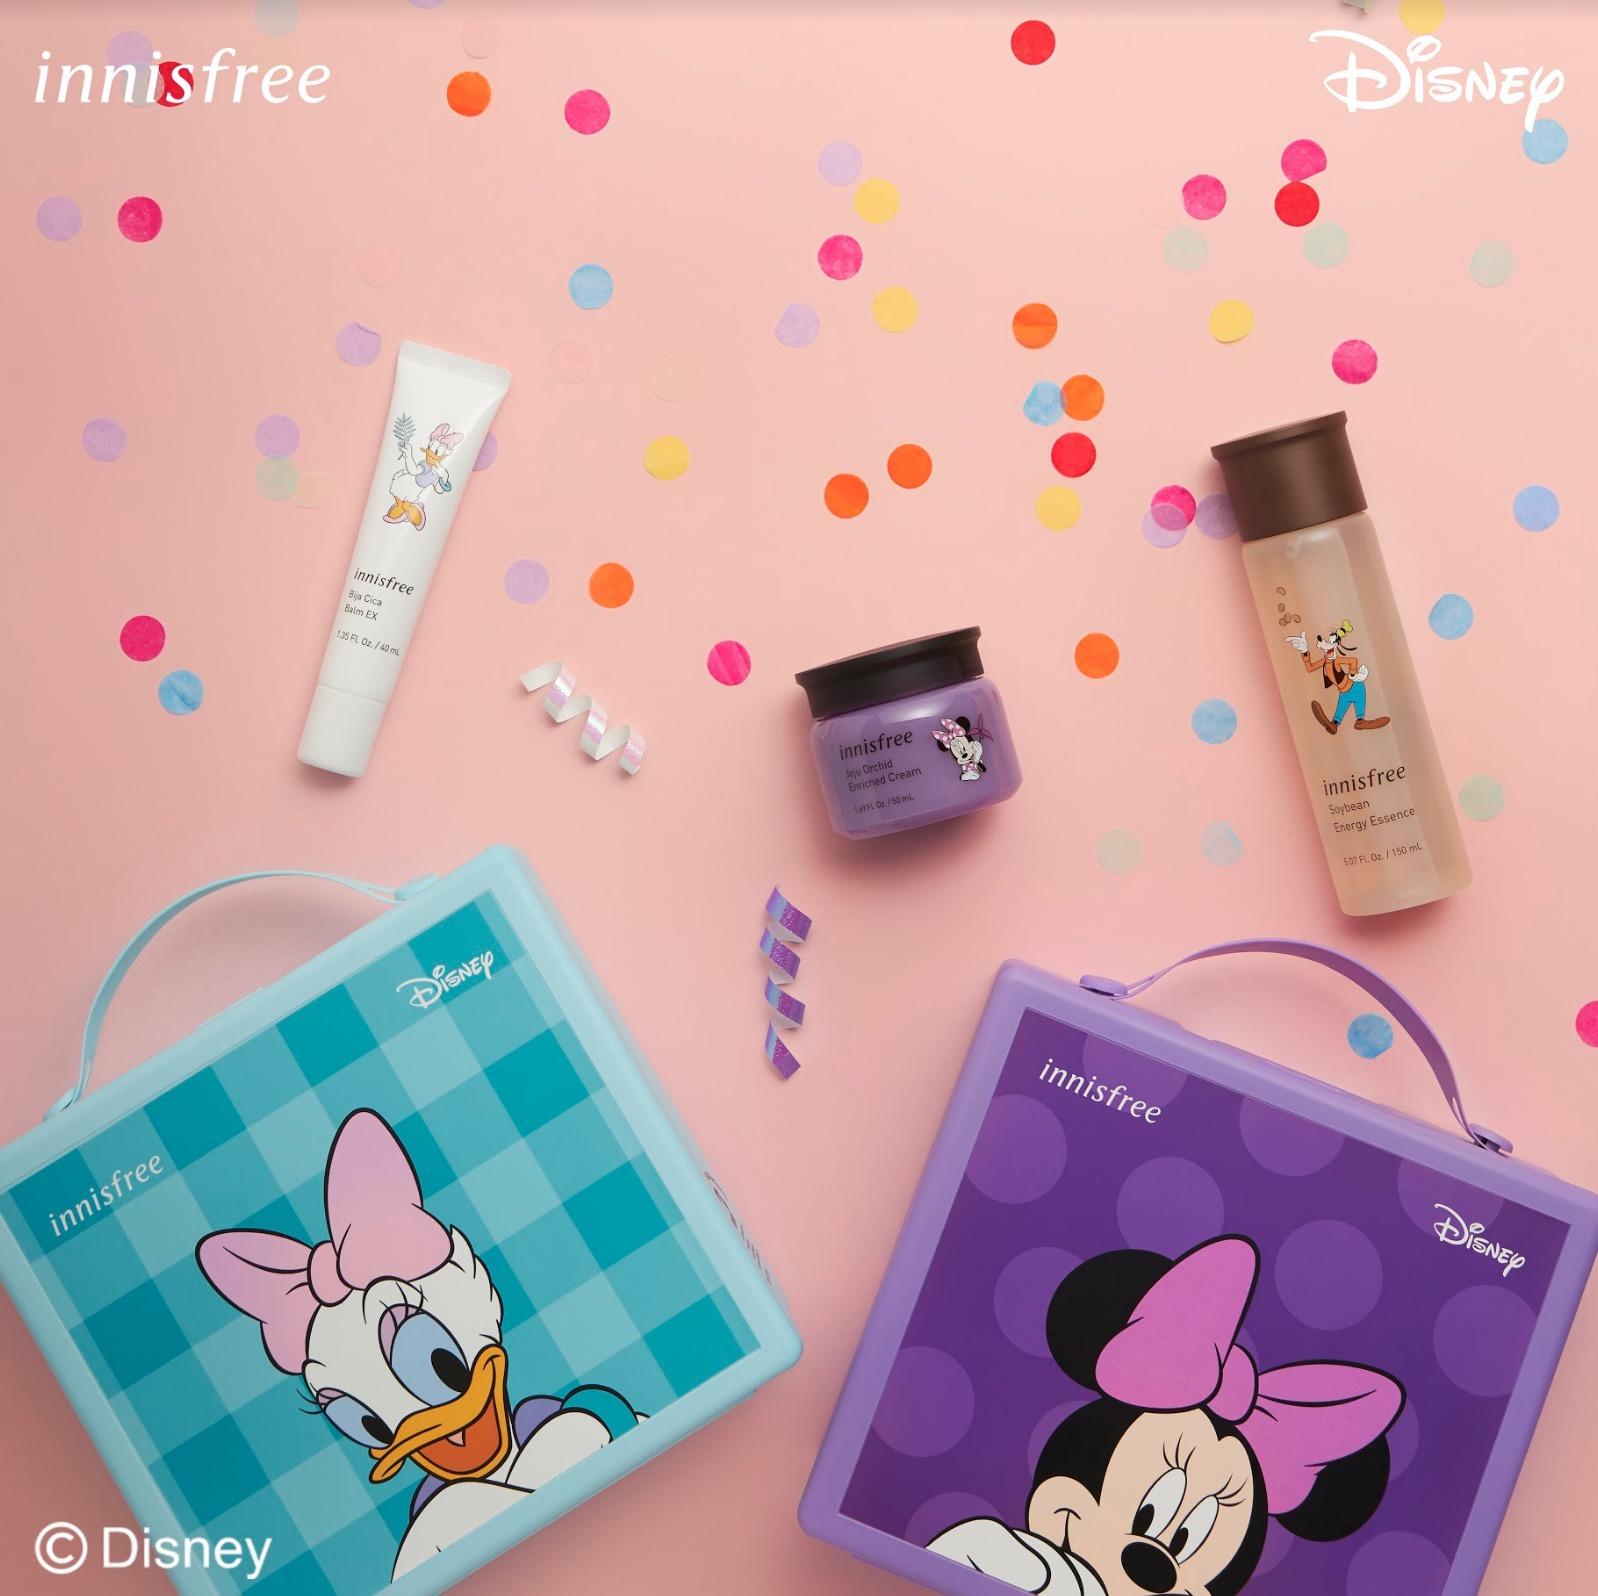 innisfree 於 2020 年 1 月再度推出《innisfree 2020 迪士尼限定系列》,從臉部保養、身體護理到彩妝產品應有盡有!